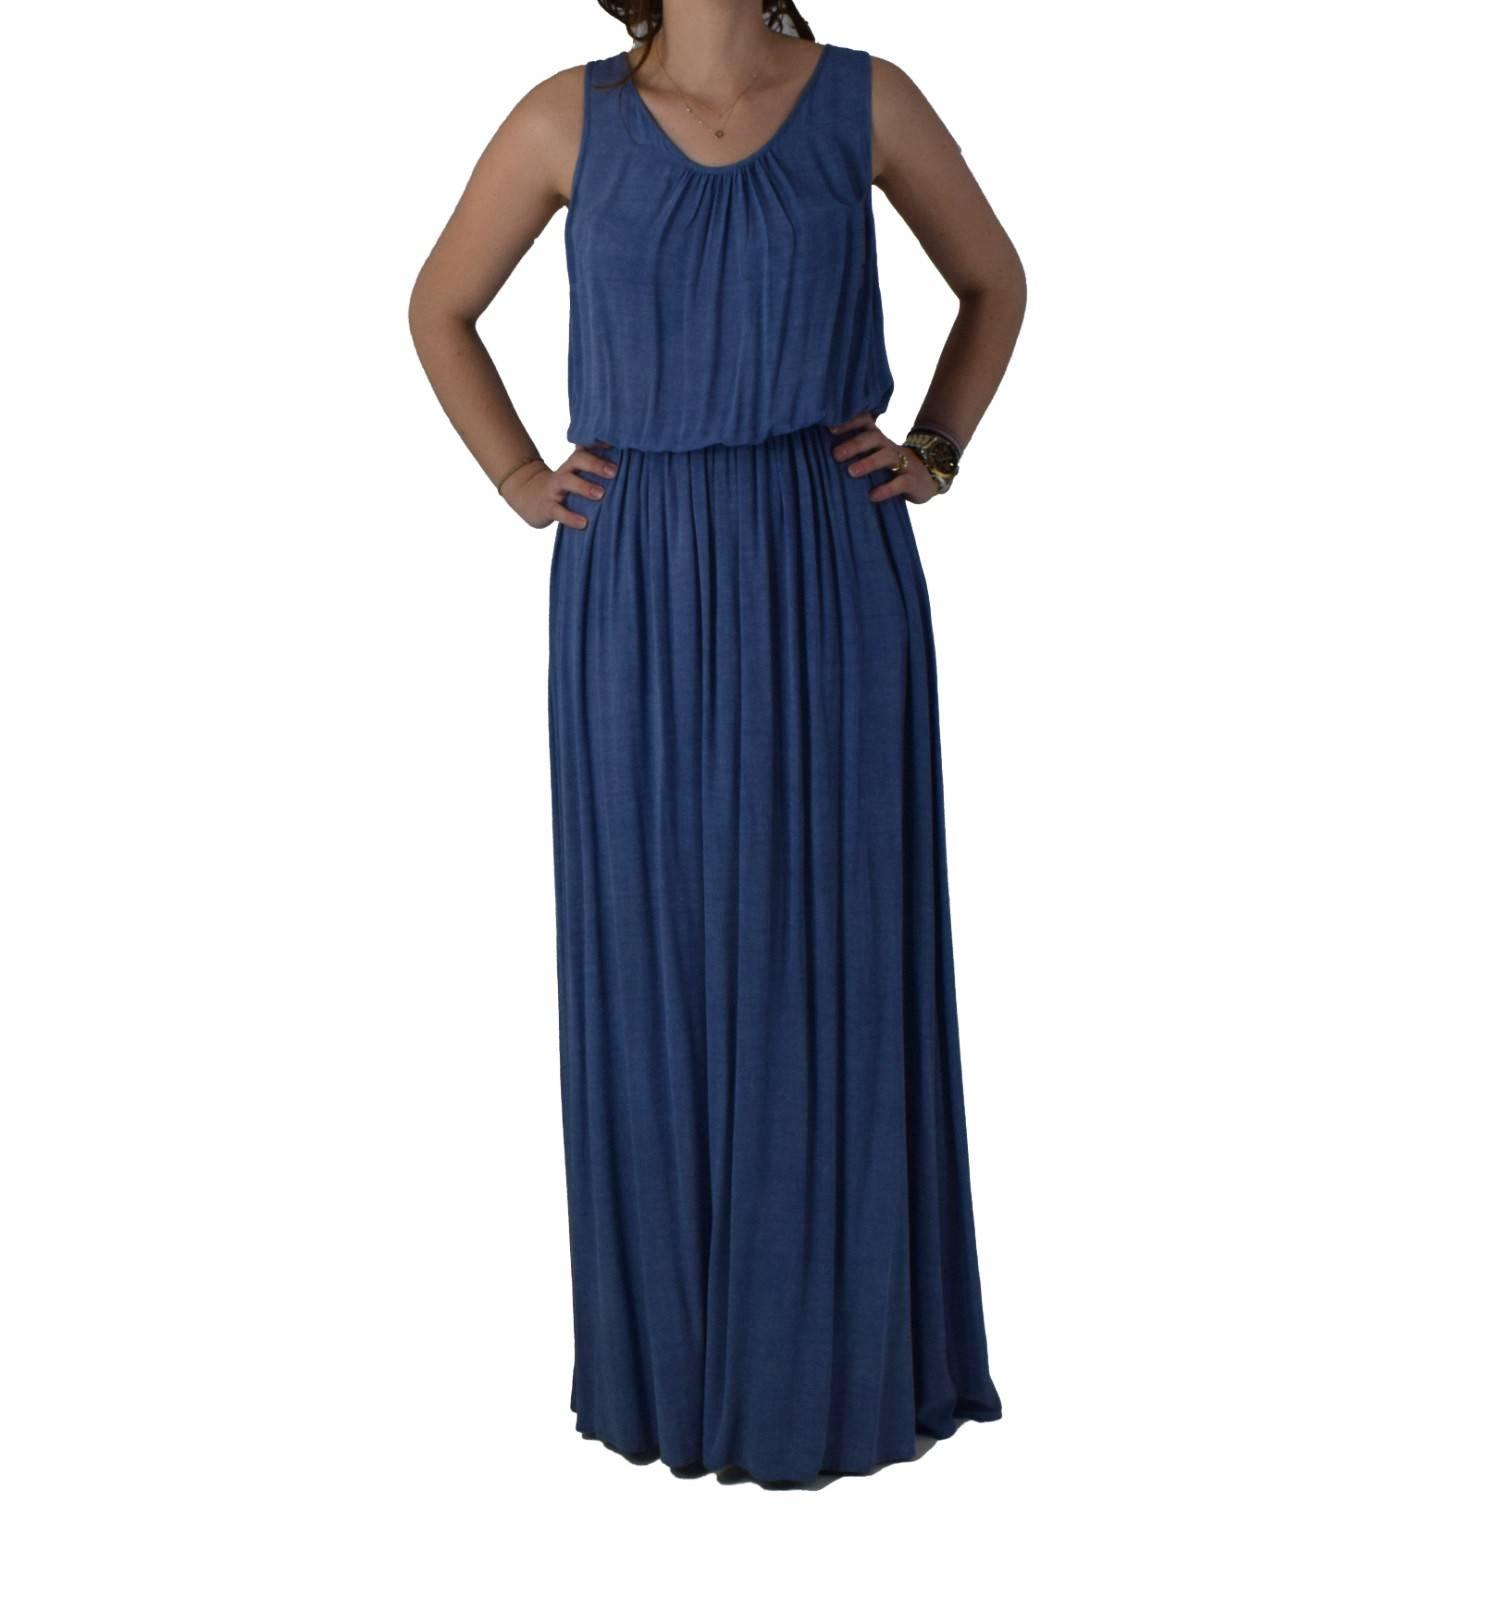 0a30704b0309 Φόρεμα Maxi Toi&Moi 50-2380-16 Μπλε toimoi 50-2380-16 mple - Glami.gr